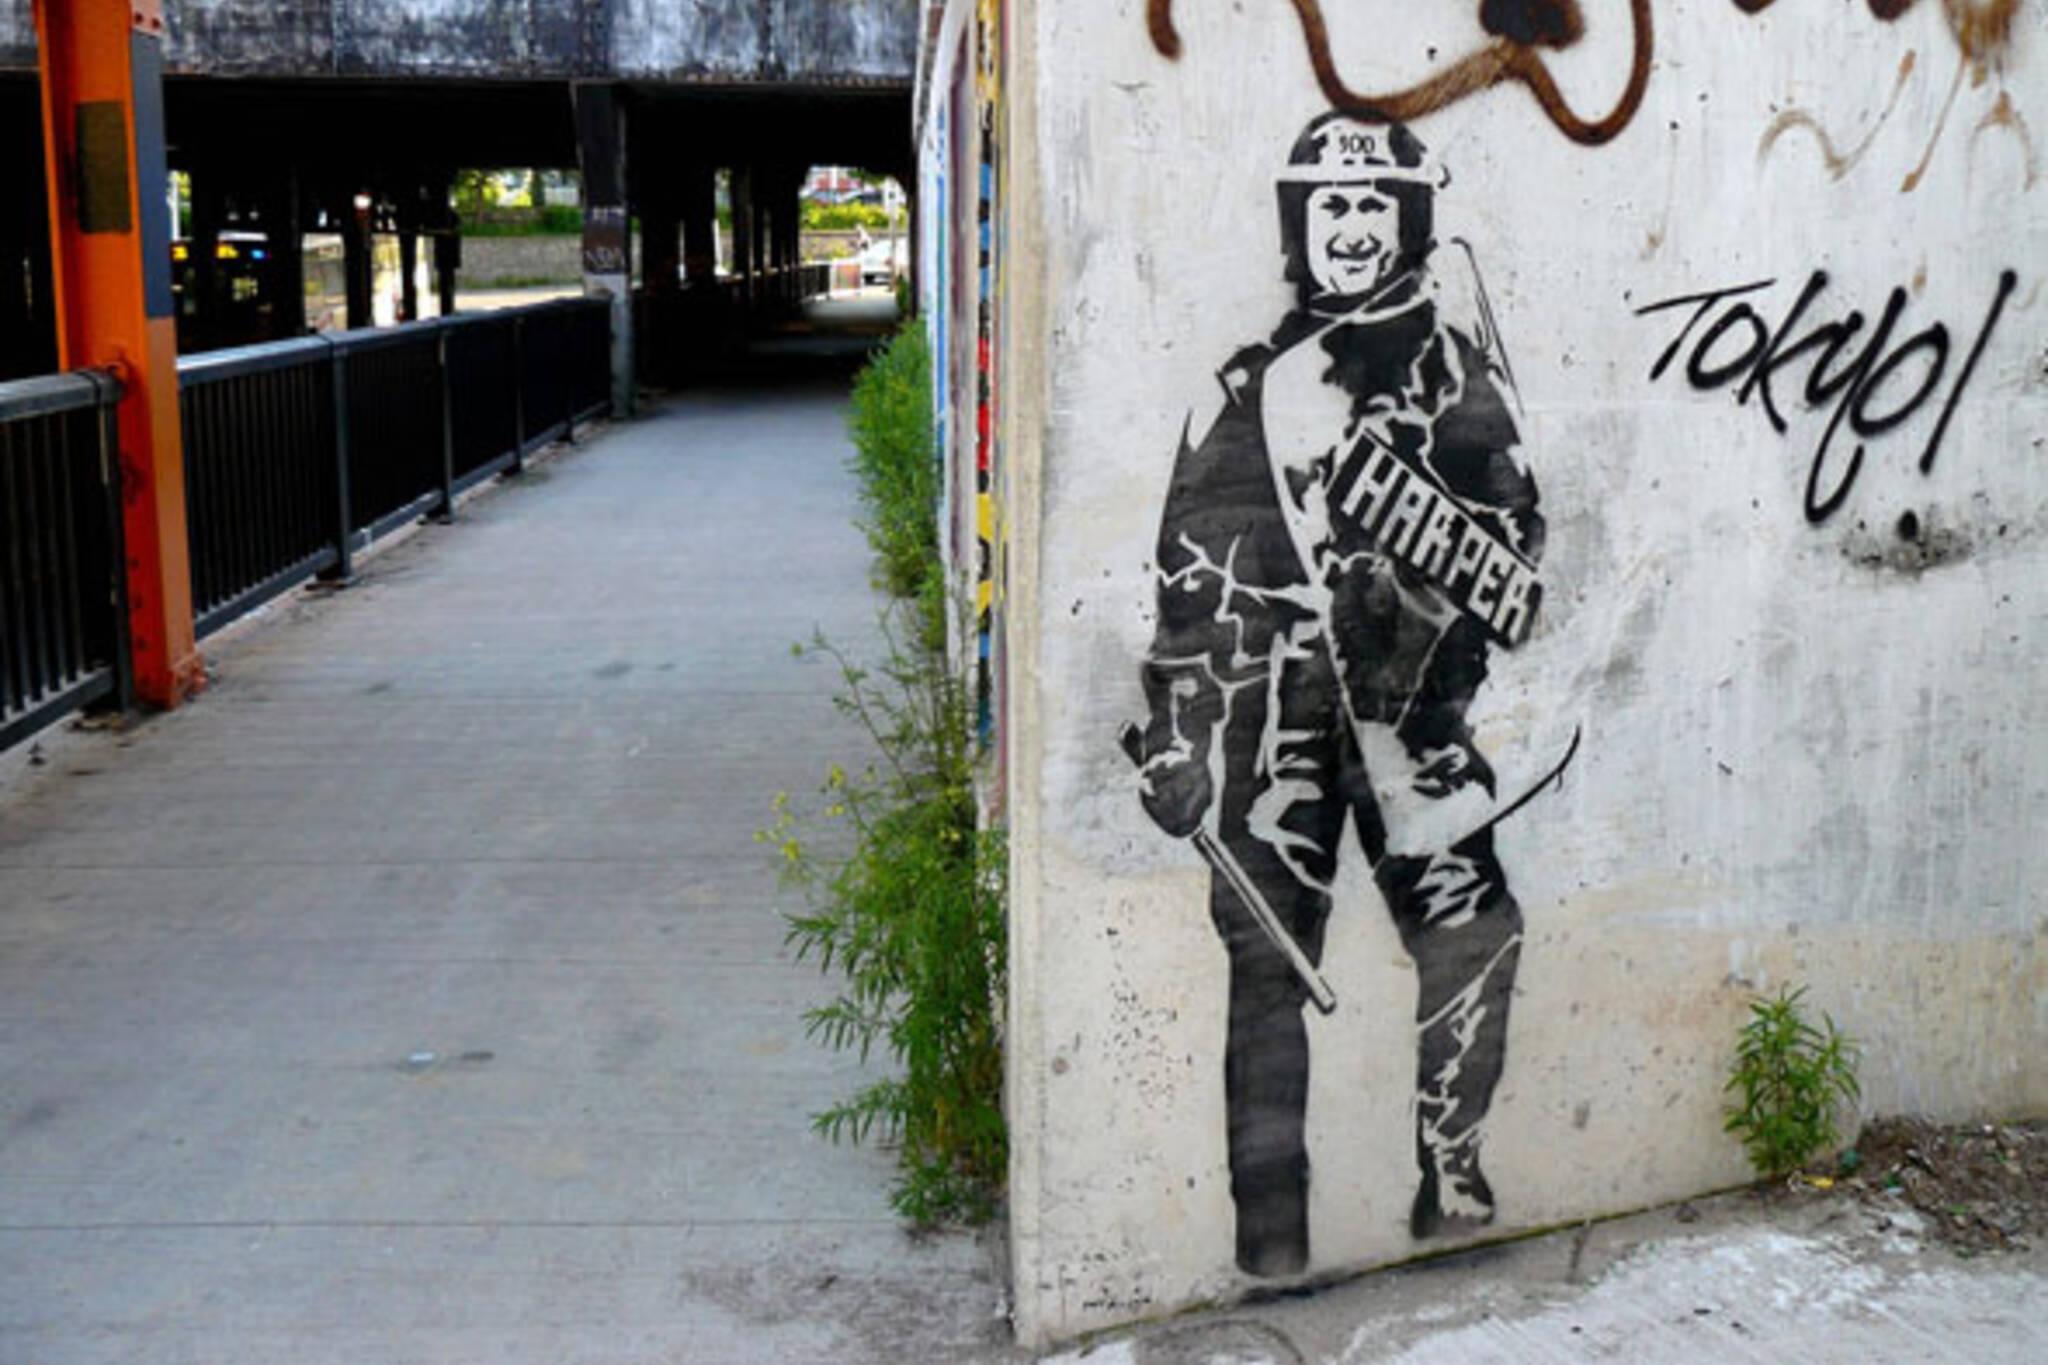 Stephen Harper Street Art